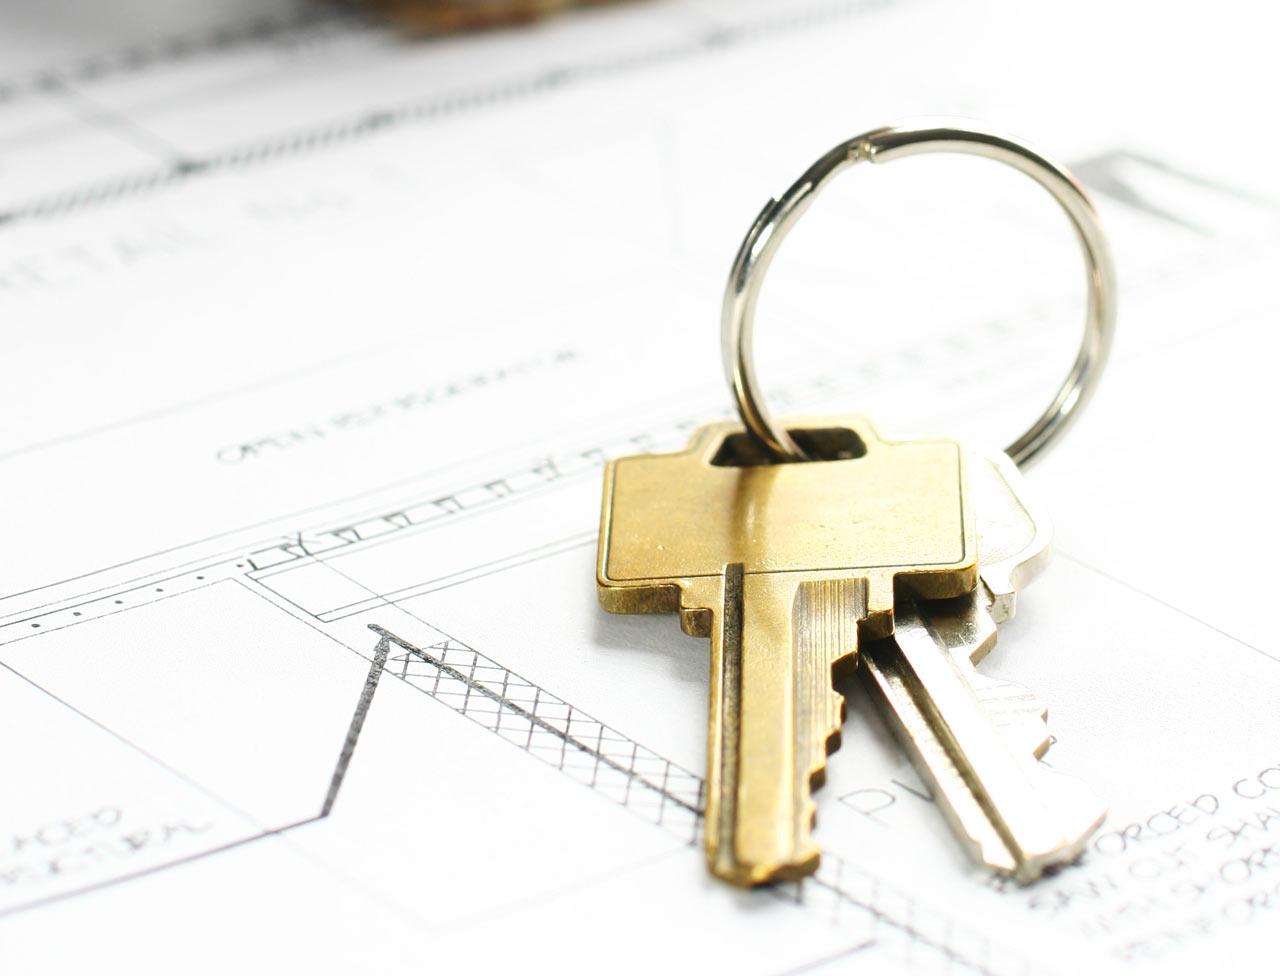 Achat immobilier : Des recommandations claires et précises pour bien choisir le type de bien que vous allez acheter